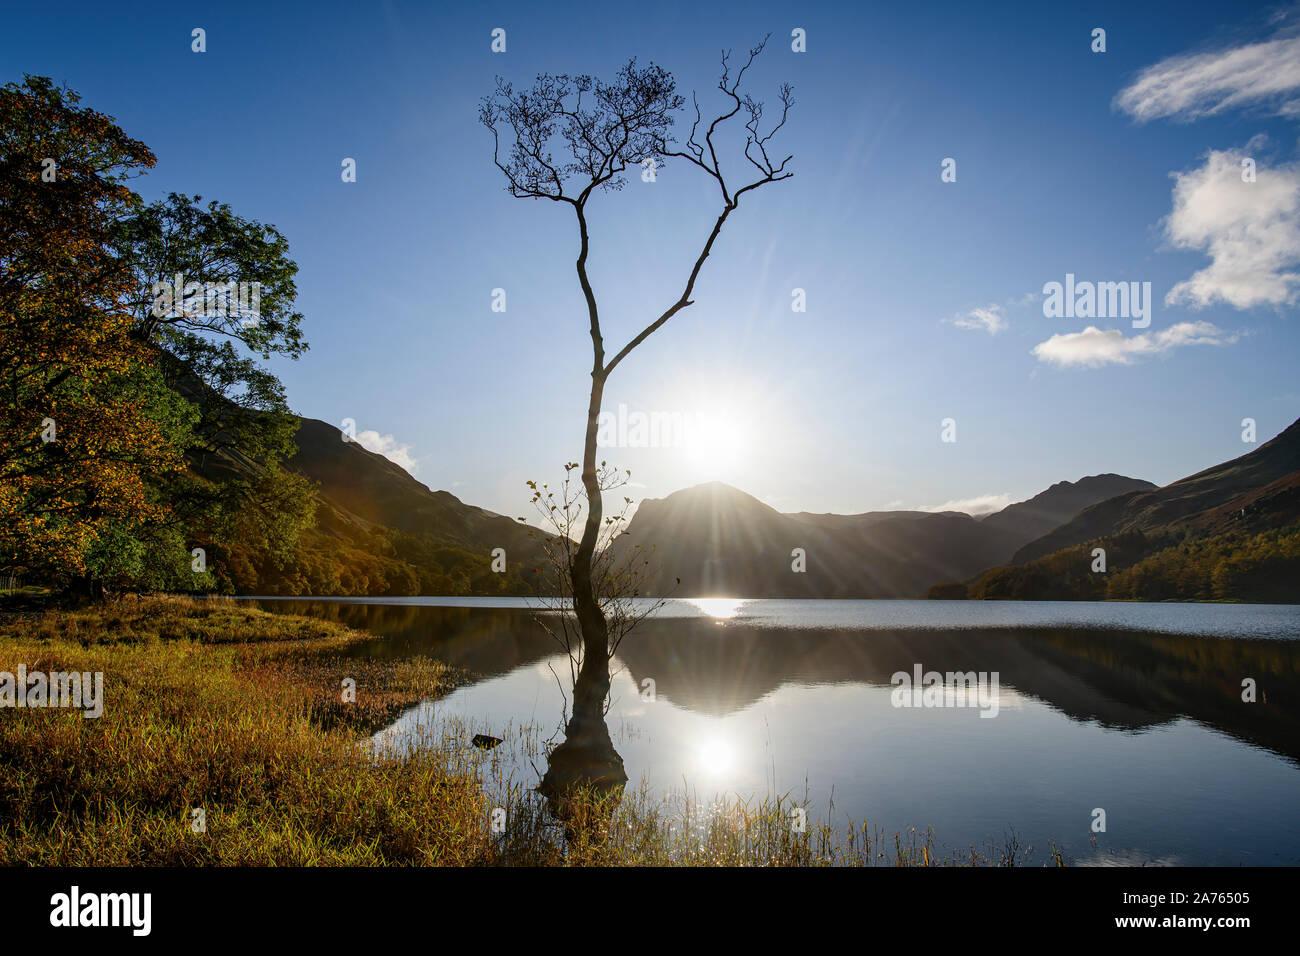 Ein einsamer Baum am Ufer des Buttermere Silhouette gegen den Himmel im Herbst Stockfoto